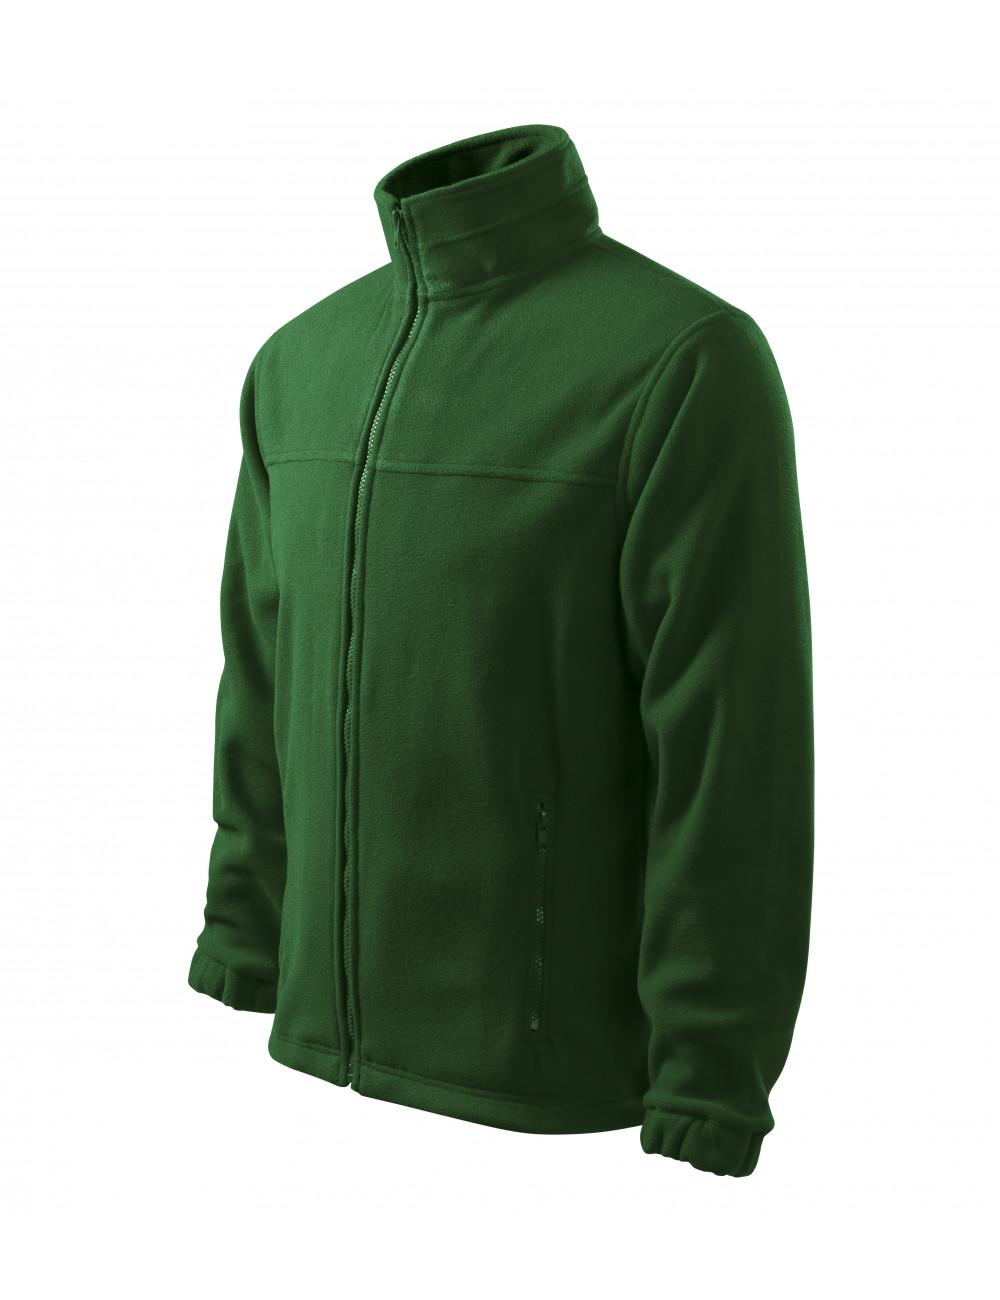 Adler RIMECK Polar męski Jacket 501 zieleń butelkowa